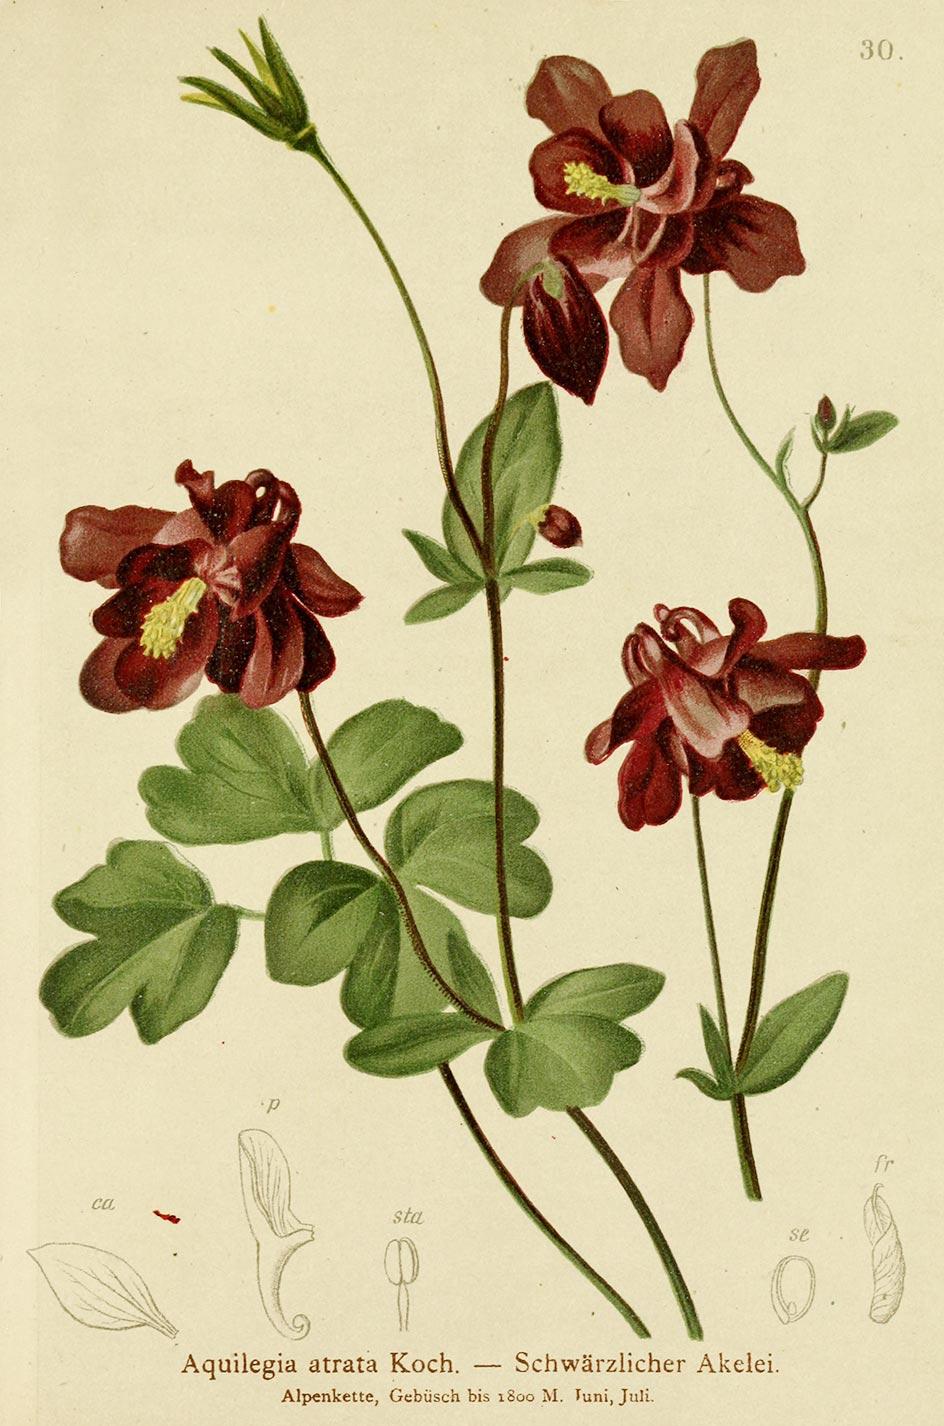 Planche botanique Aquilegia atrata